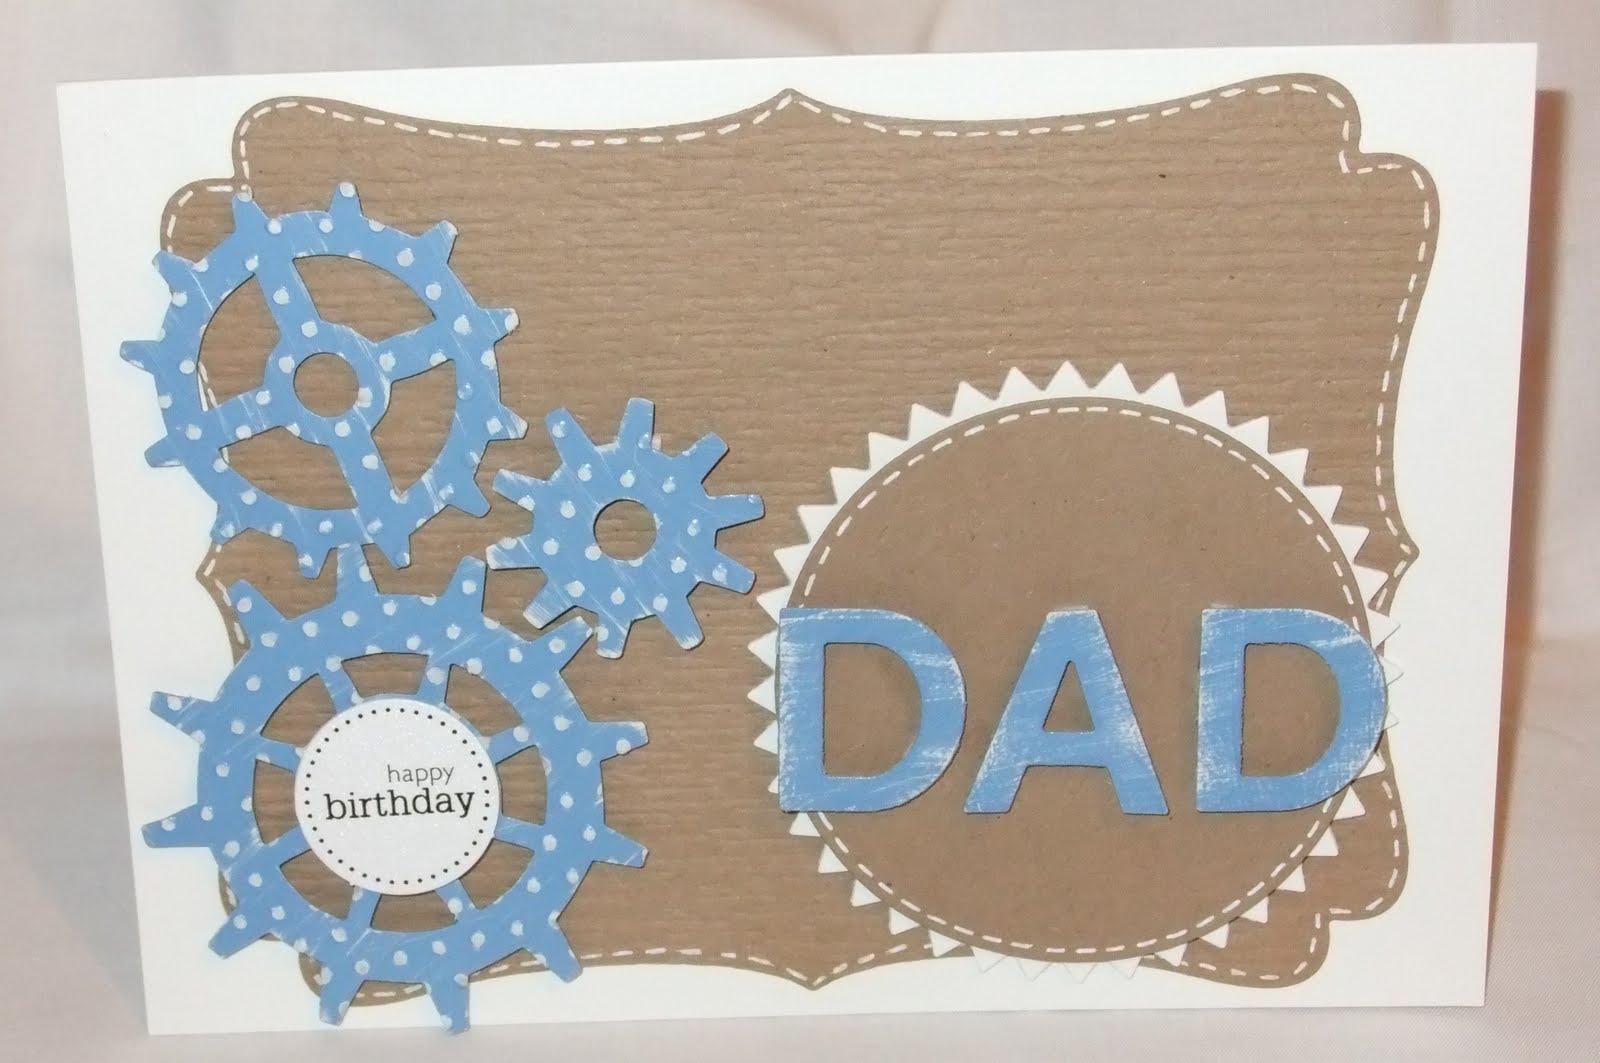 Birthday Card Idea Dad Using Tim Holtz Gadget Gears Die